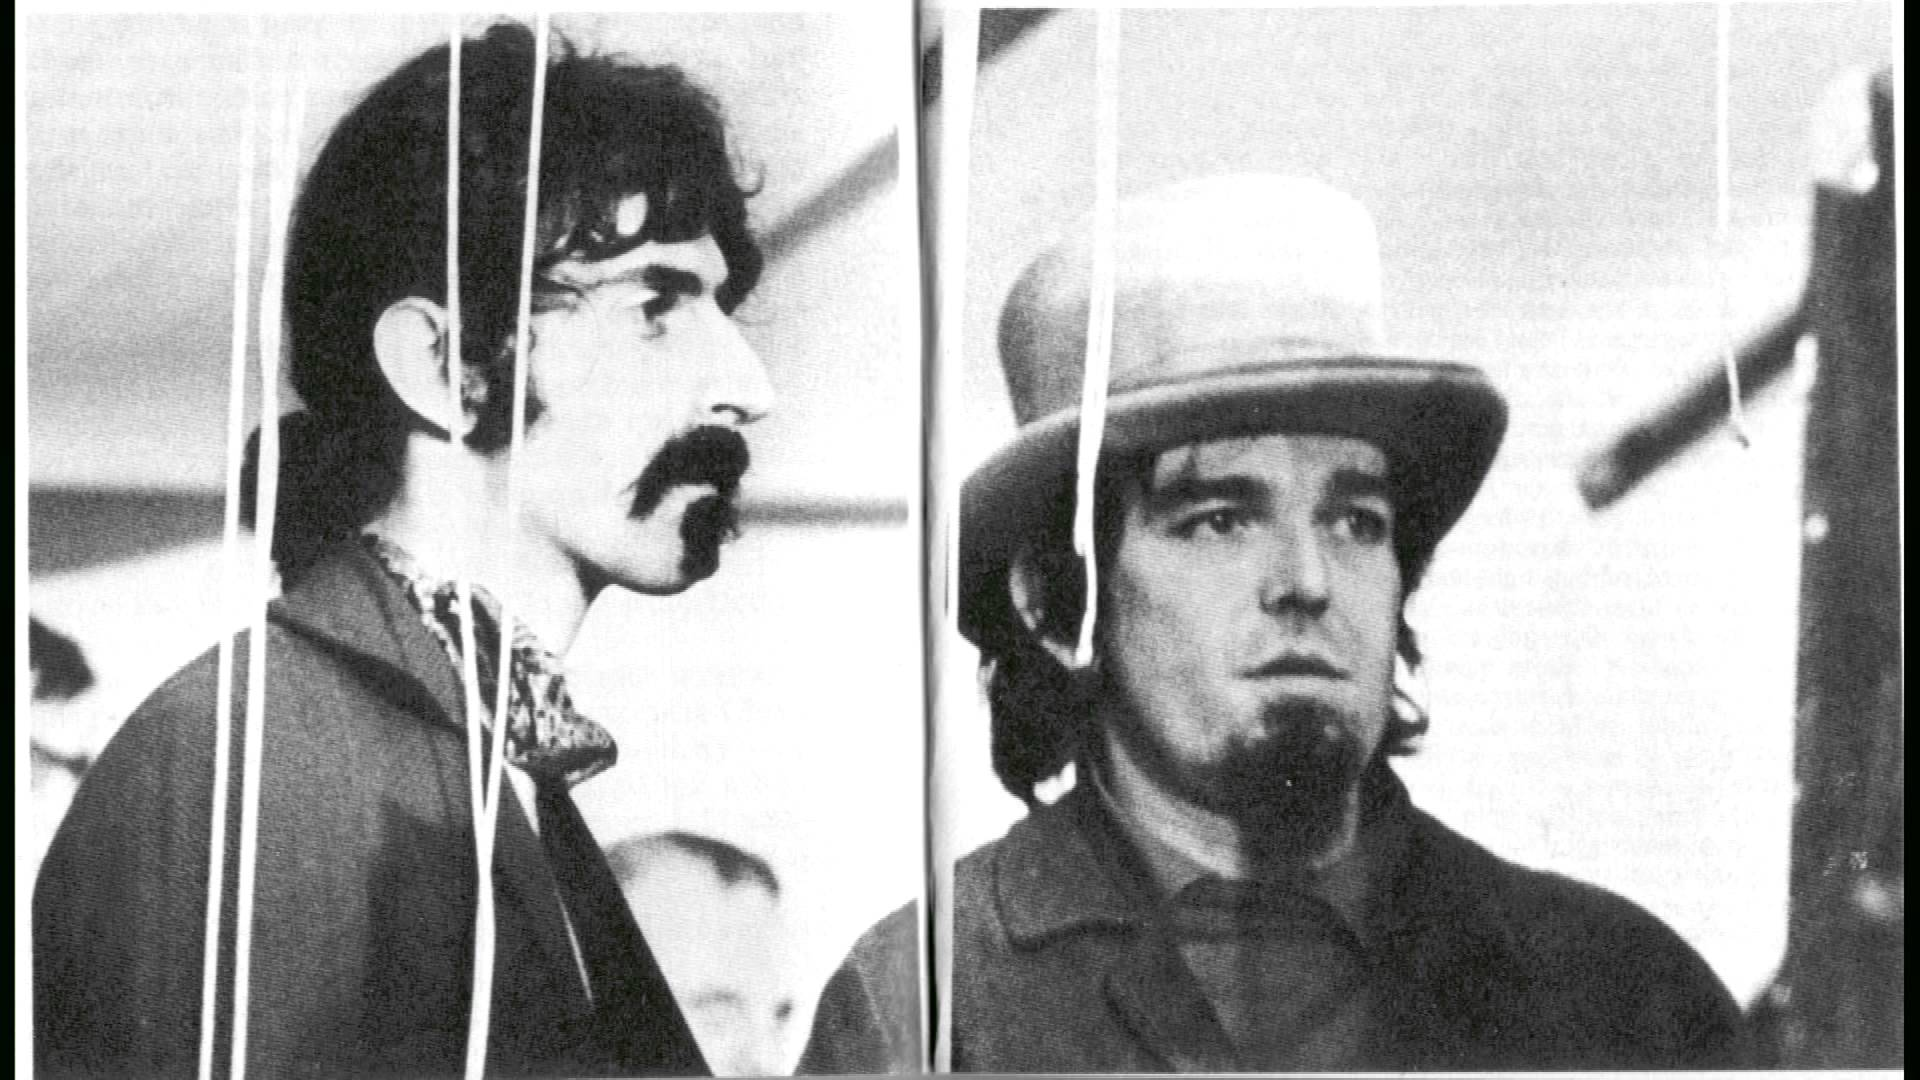 Frank Zappa and Captain Beefheart